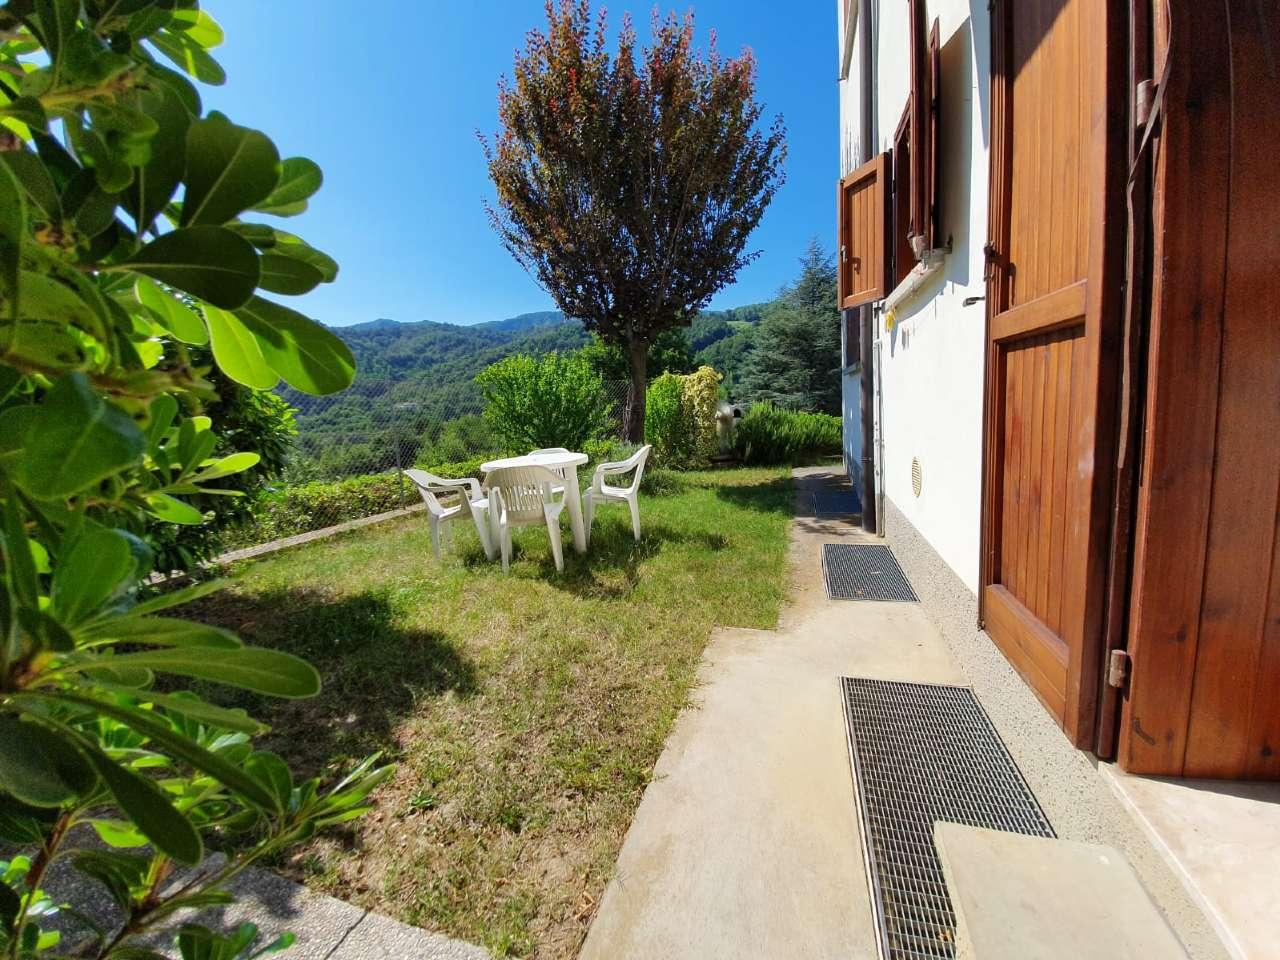 Appartamento in vendita a Monzuno, 3 locali, prezzo € 89.000 | PortaleAgenzieImmobiliari.it